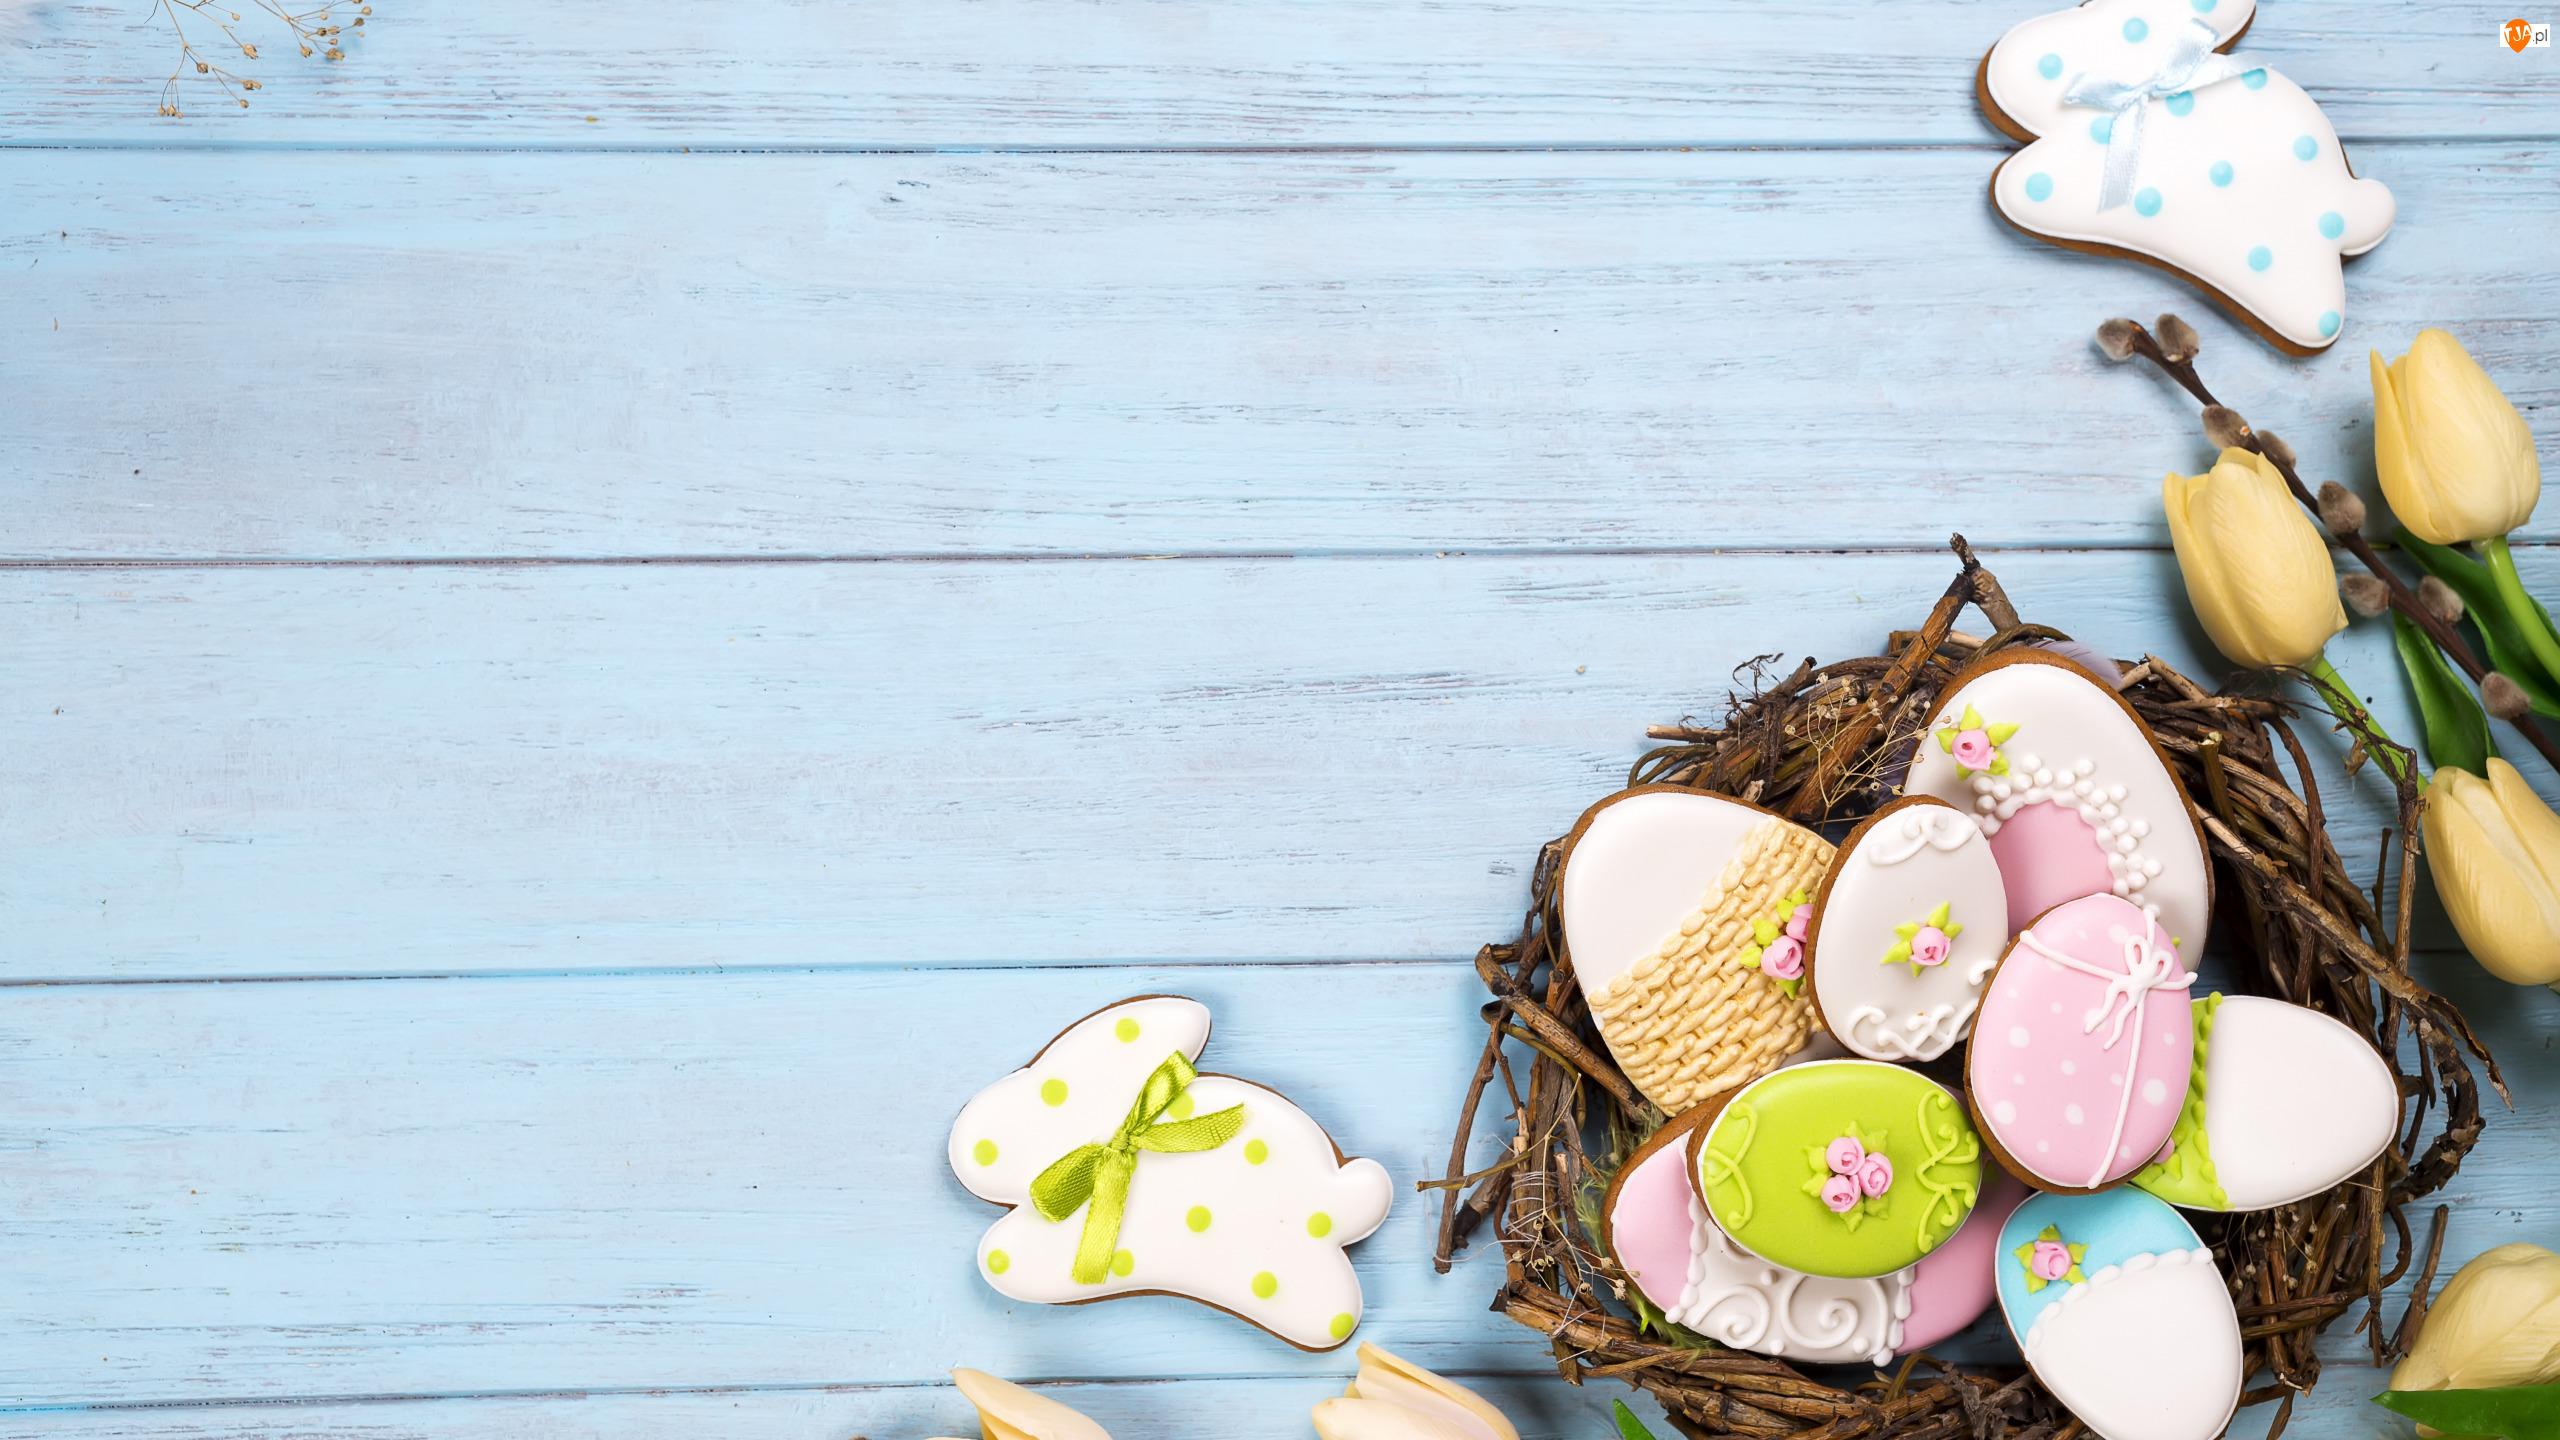 Ciasteczka, Pisanki, Gałązki, Wielkanoc, Wieniec, Zajączek, Tulipany